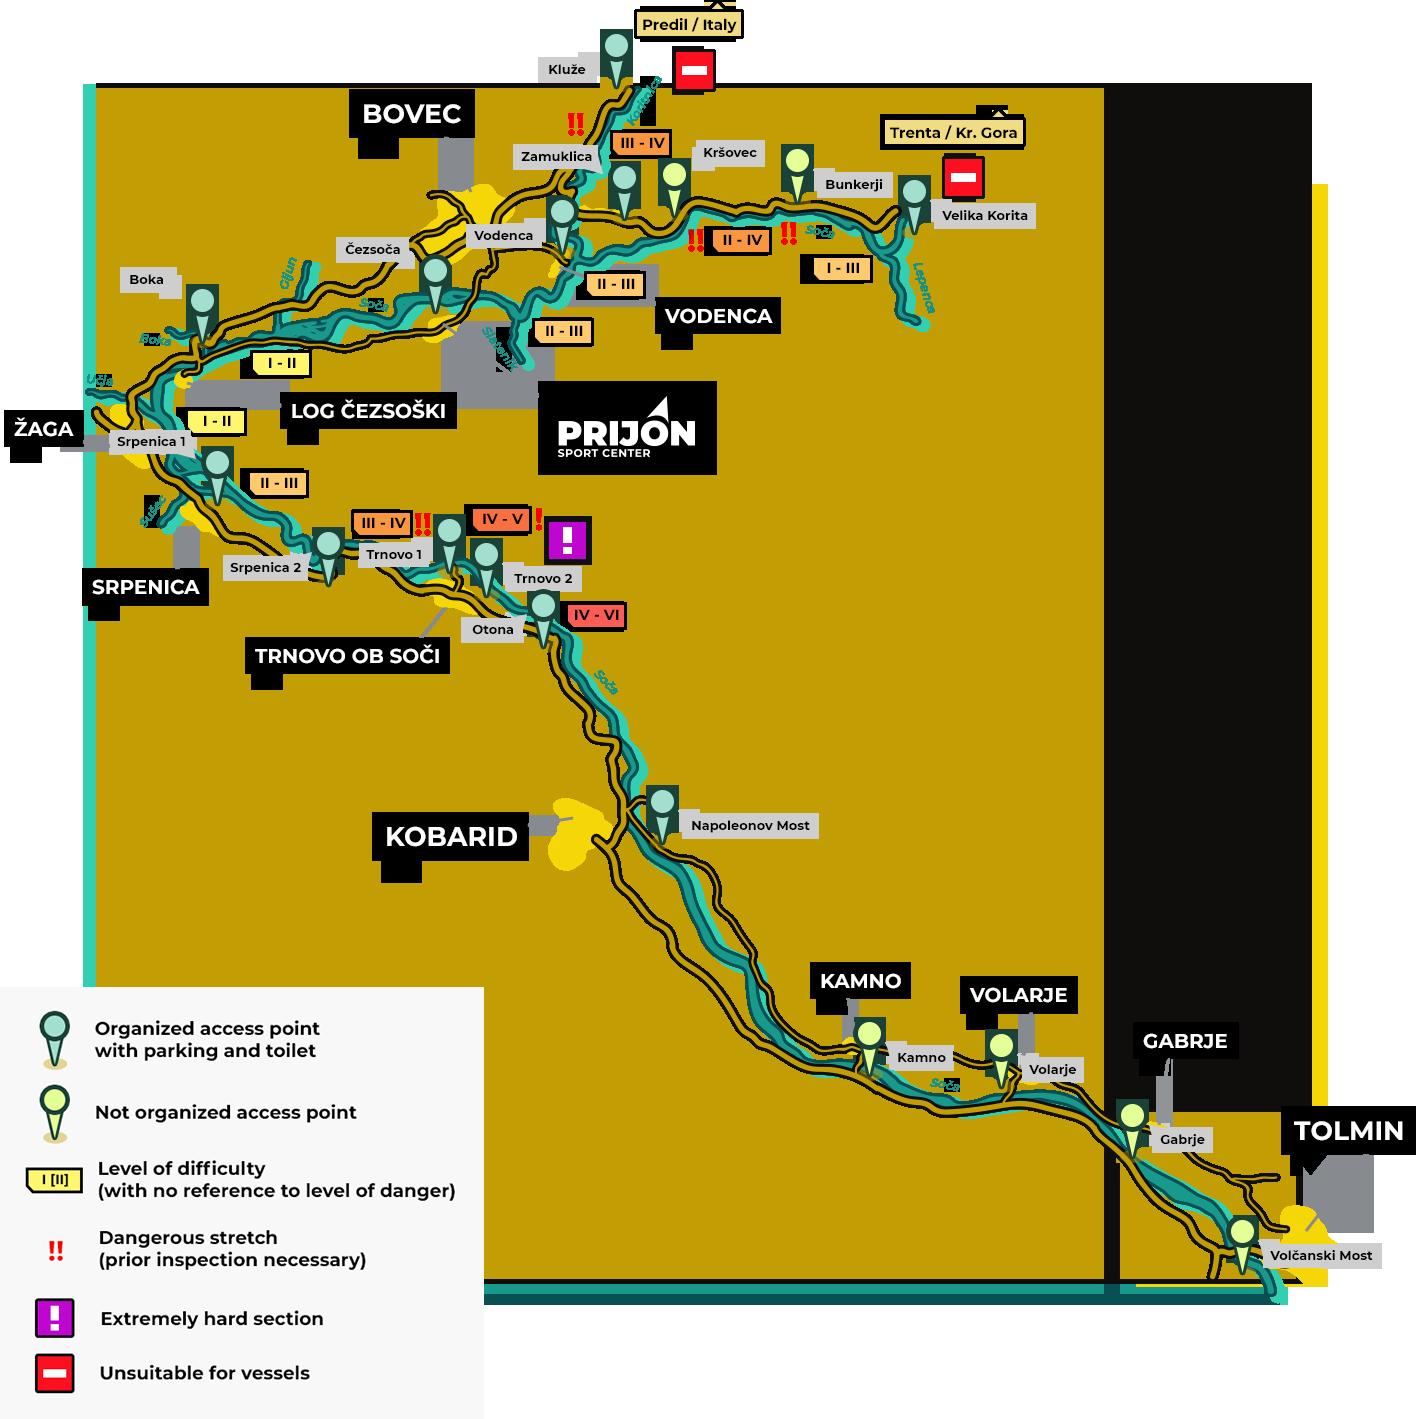 Prijon Sport Center Soča River Map